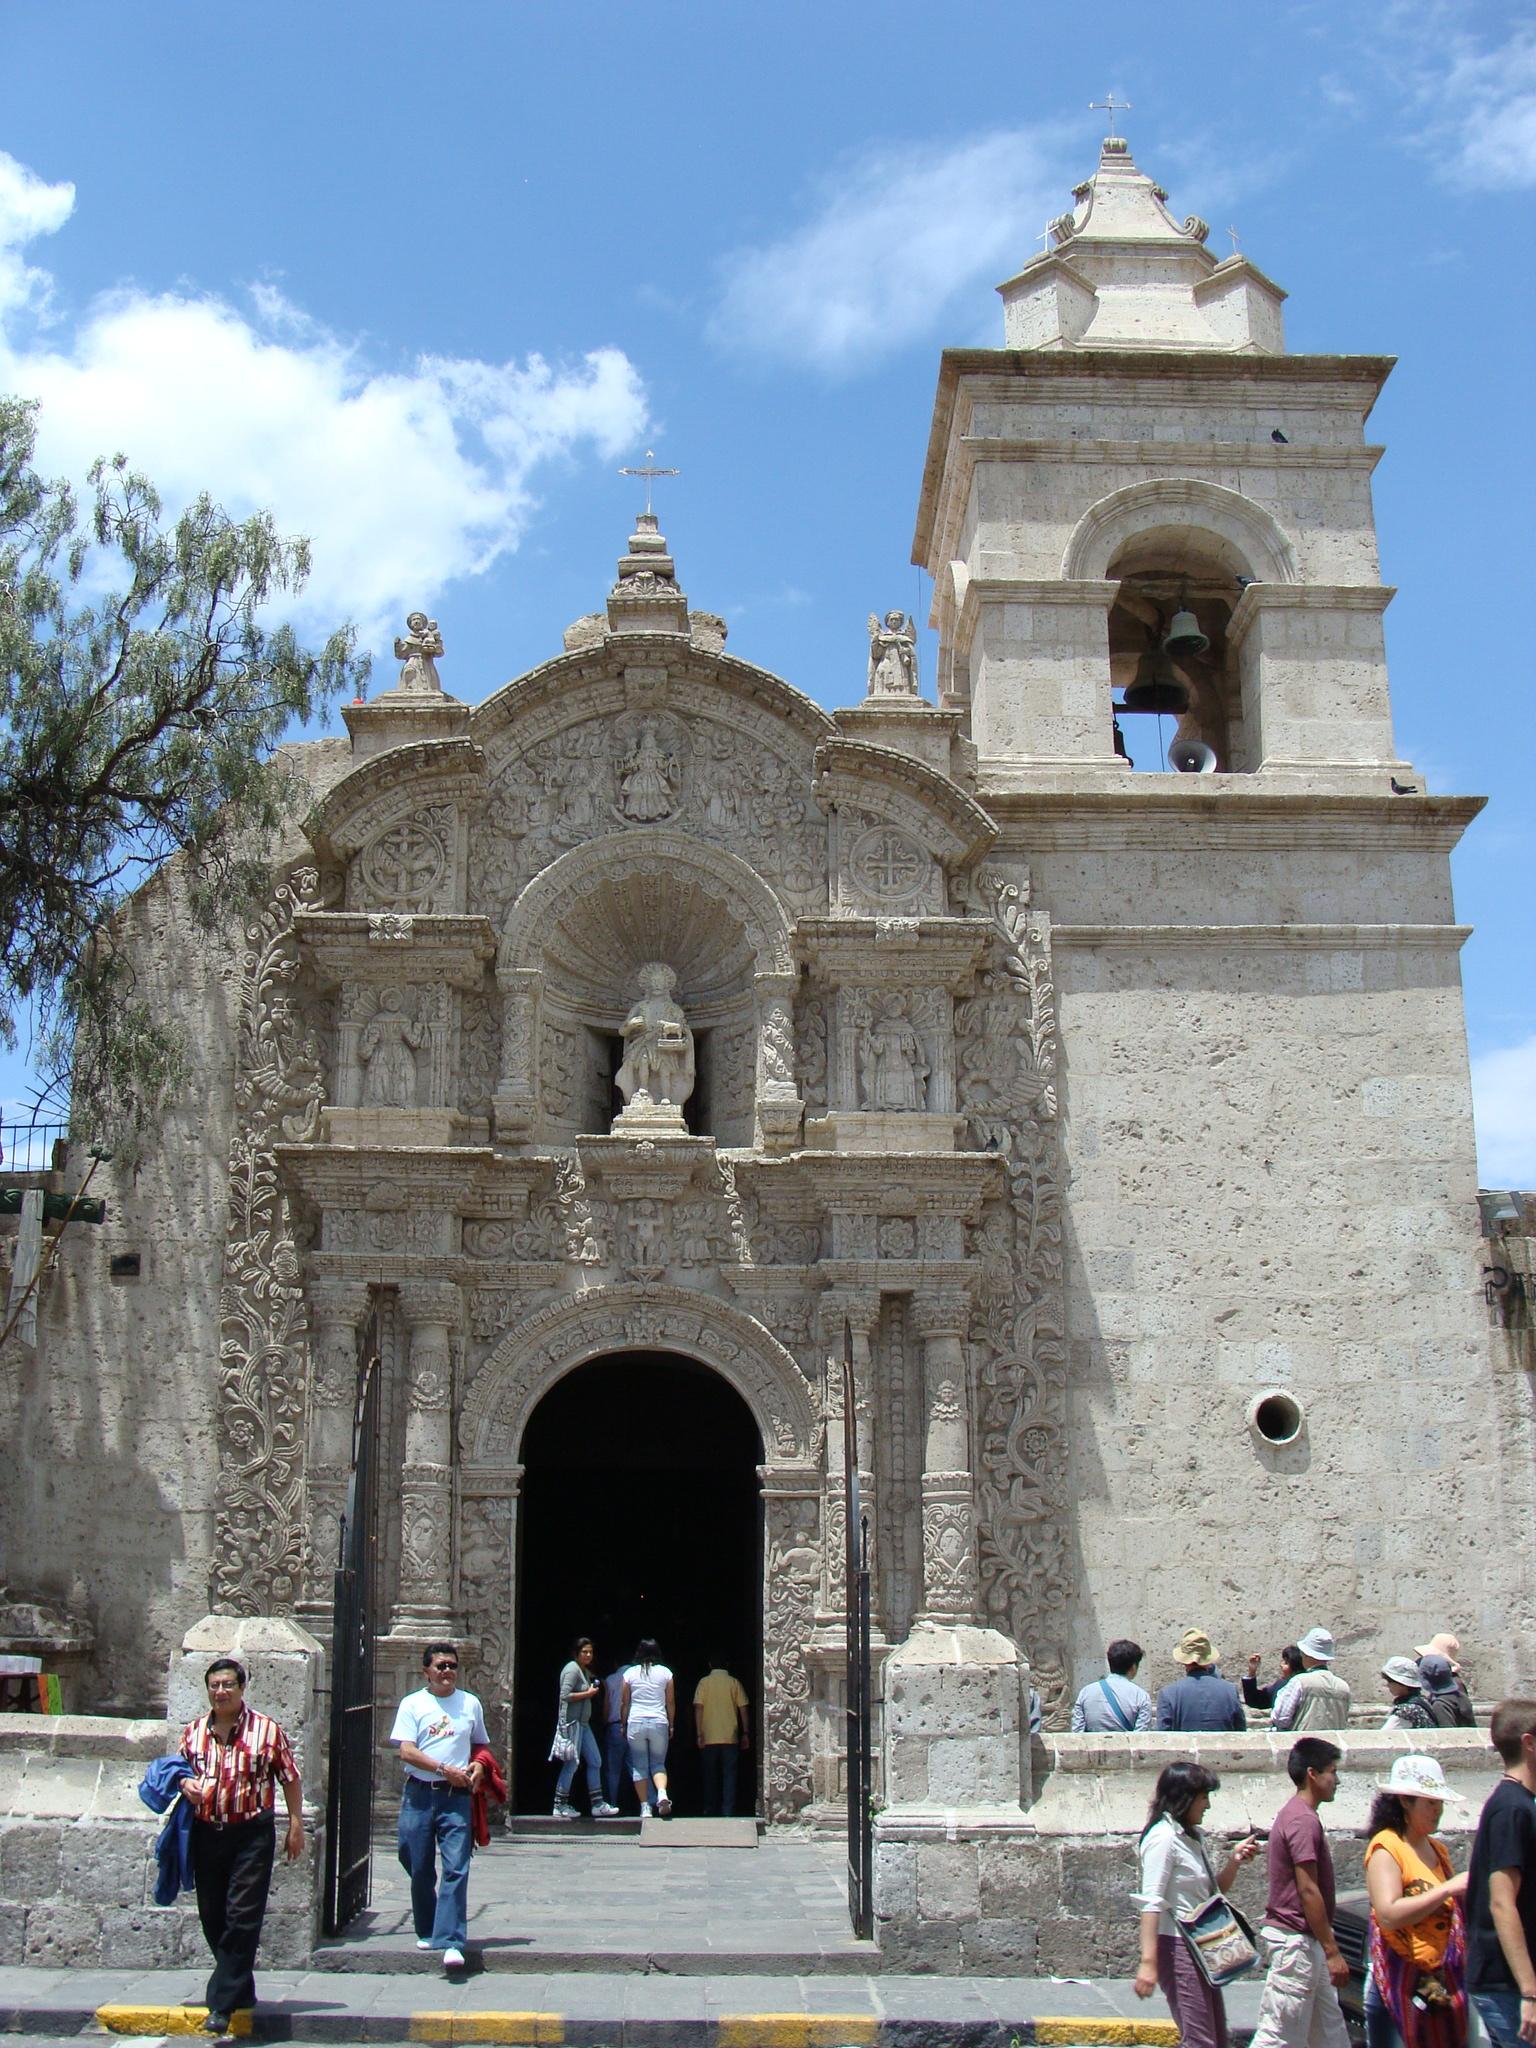 Arequipa - čtvrť Yanahuara - kostel dne 20. 2. 2011 10:59